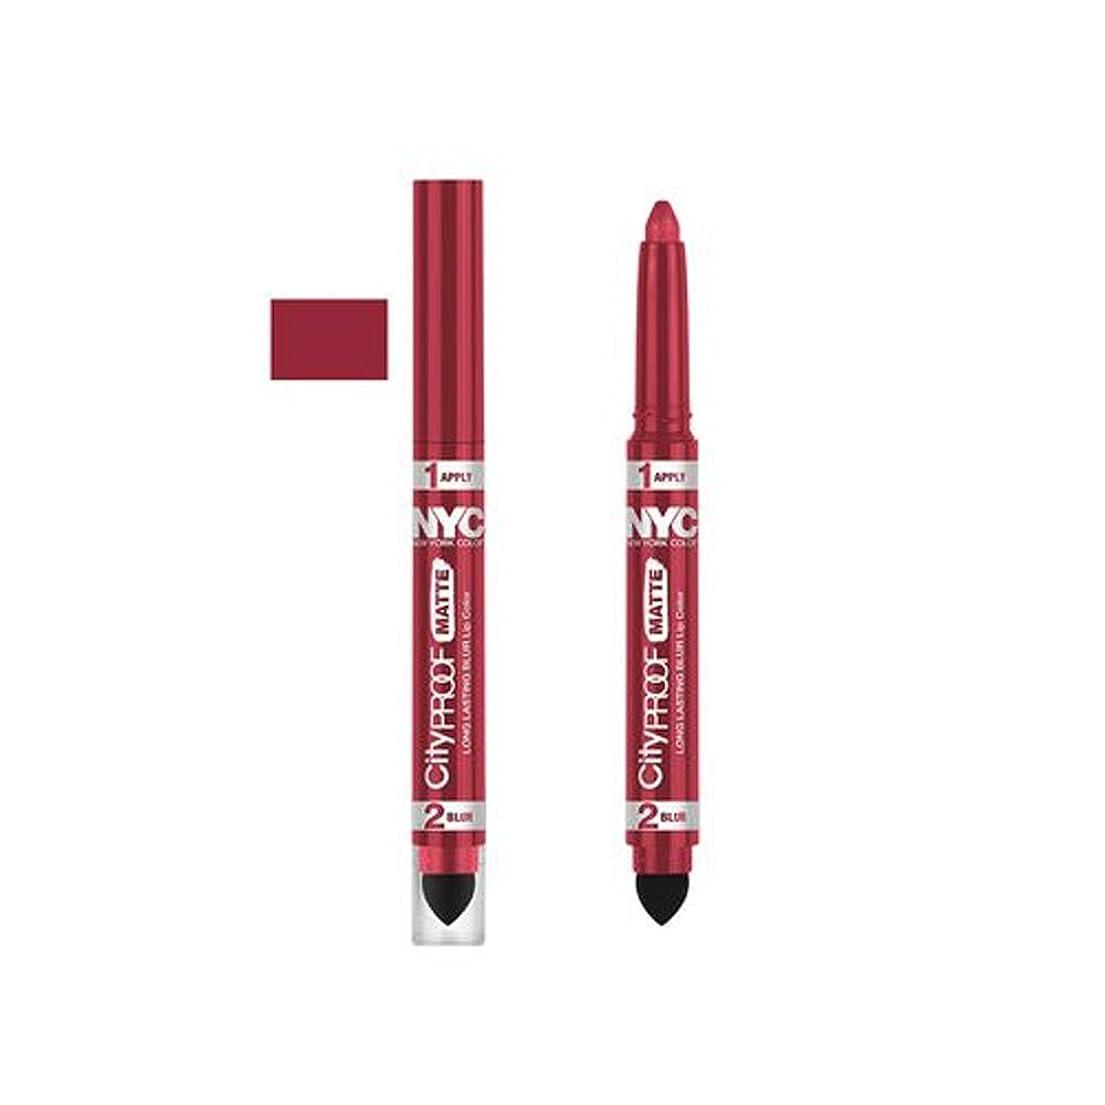 から究極の腐食する(3 Pack) NYC City Proof Matte Blur Lip Color - Red High Line (並行輸入品)